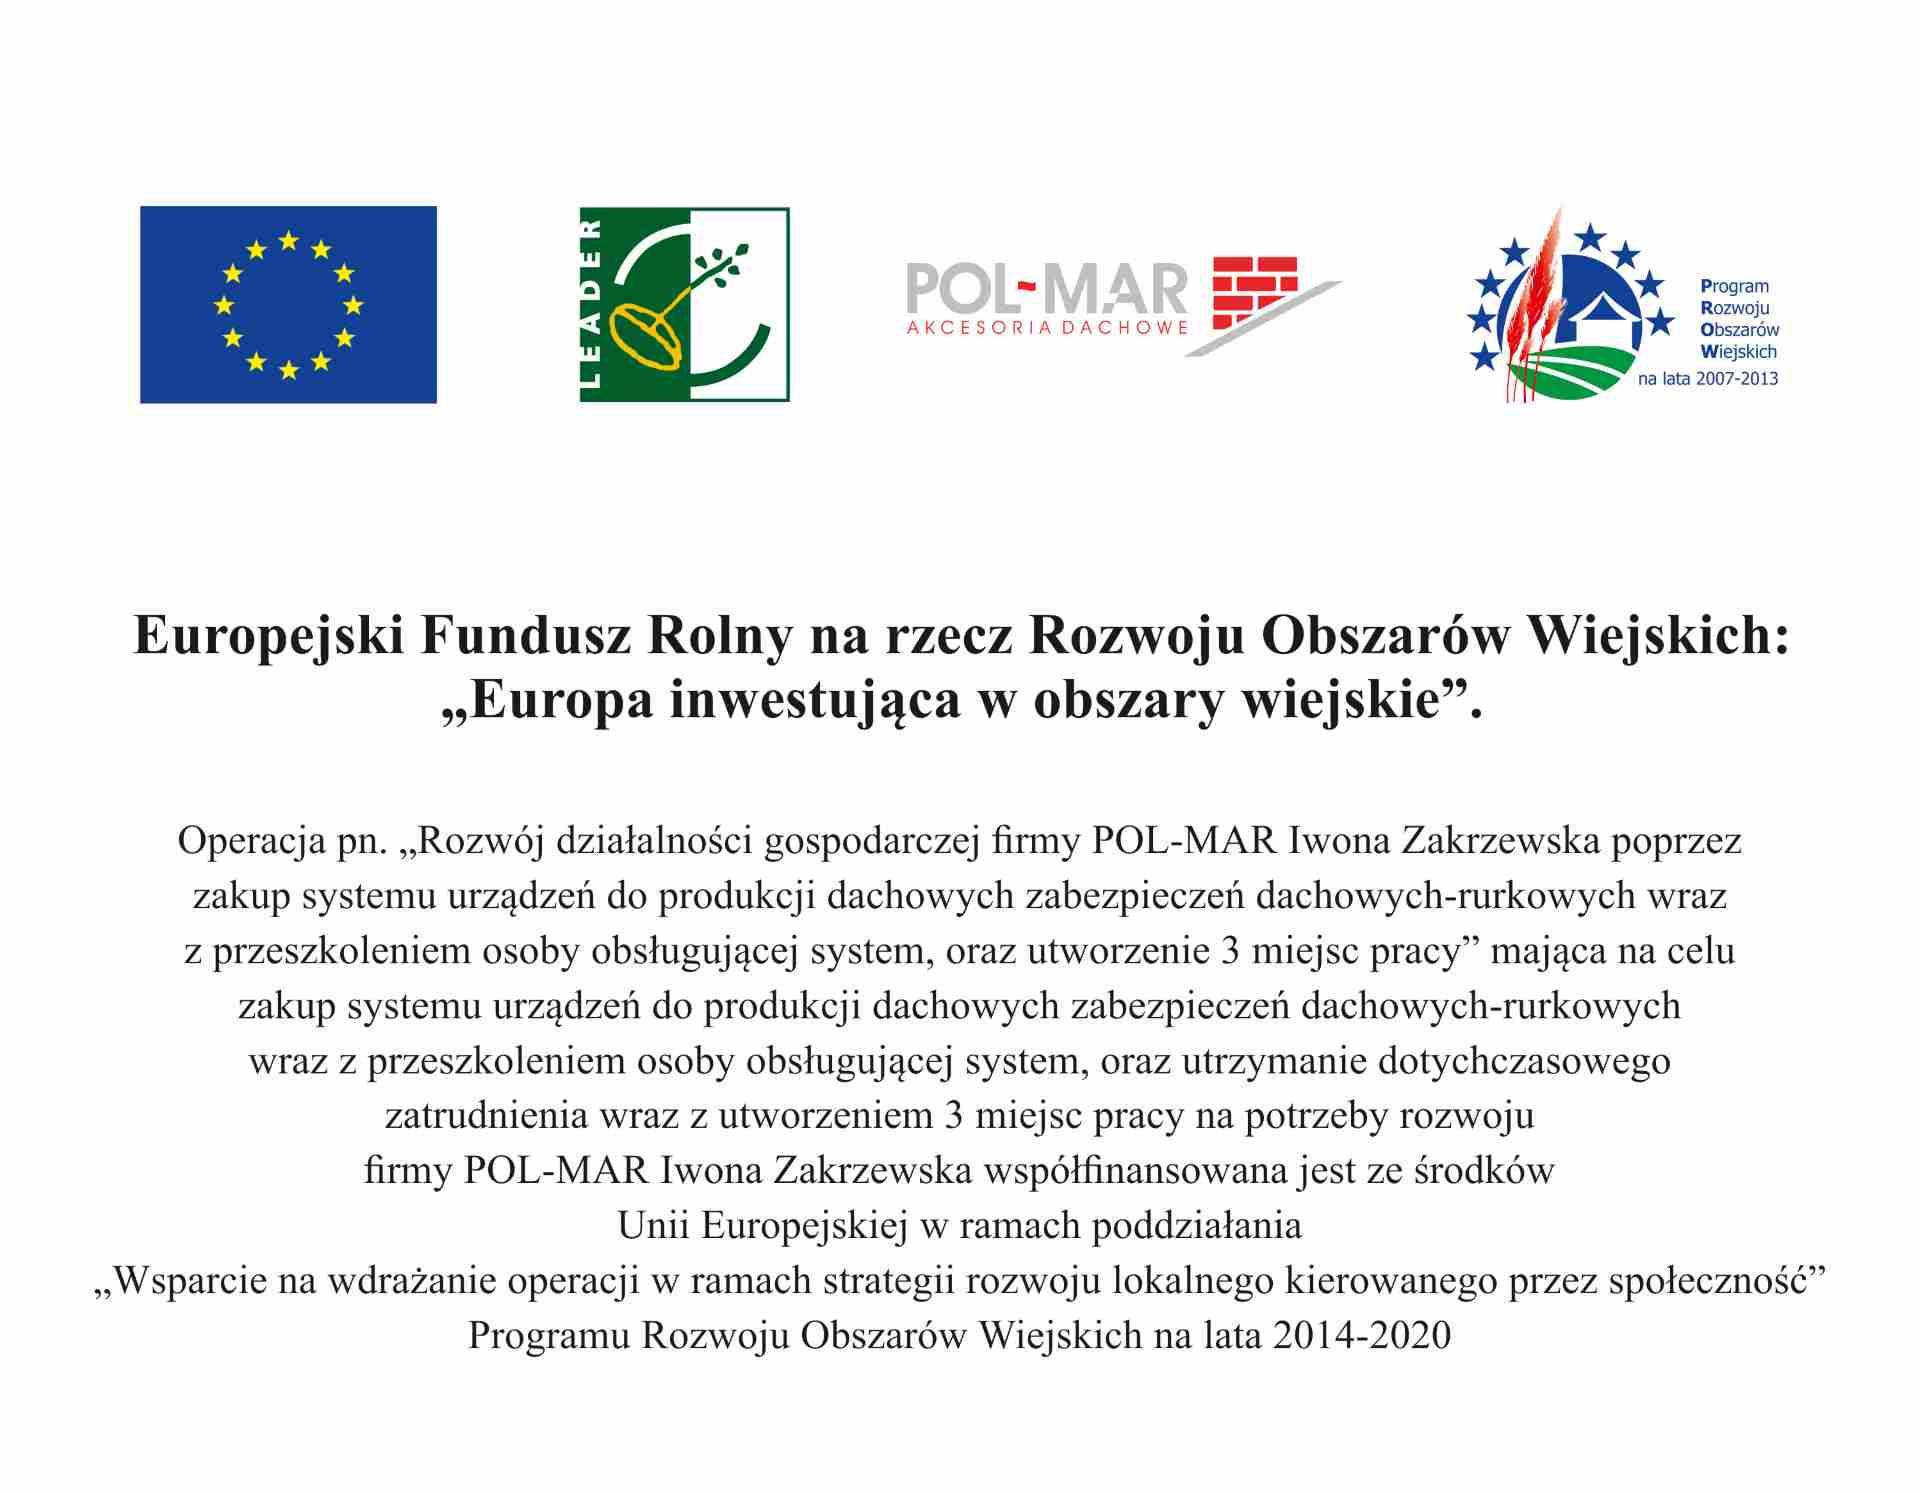 Europejski Fundusz Rolny dla Firmy Pol-Mar